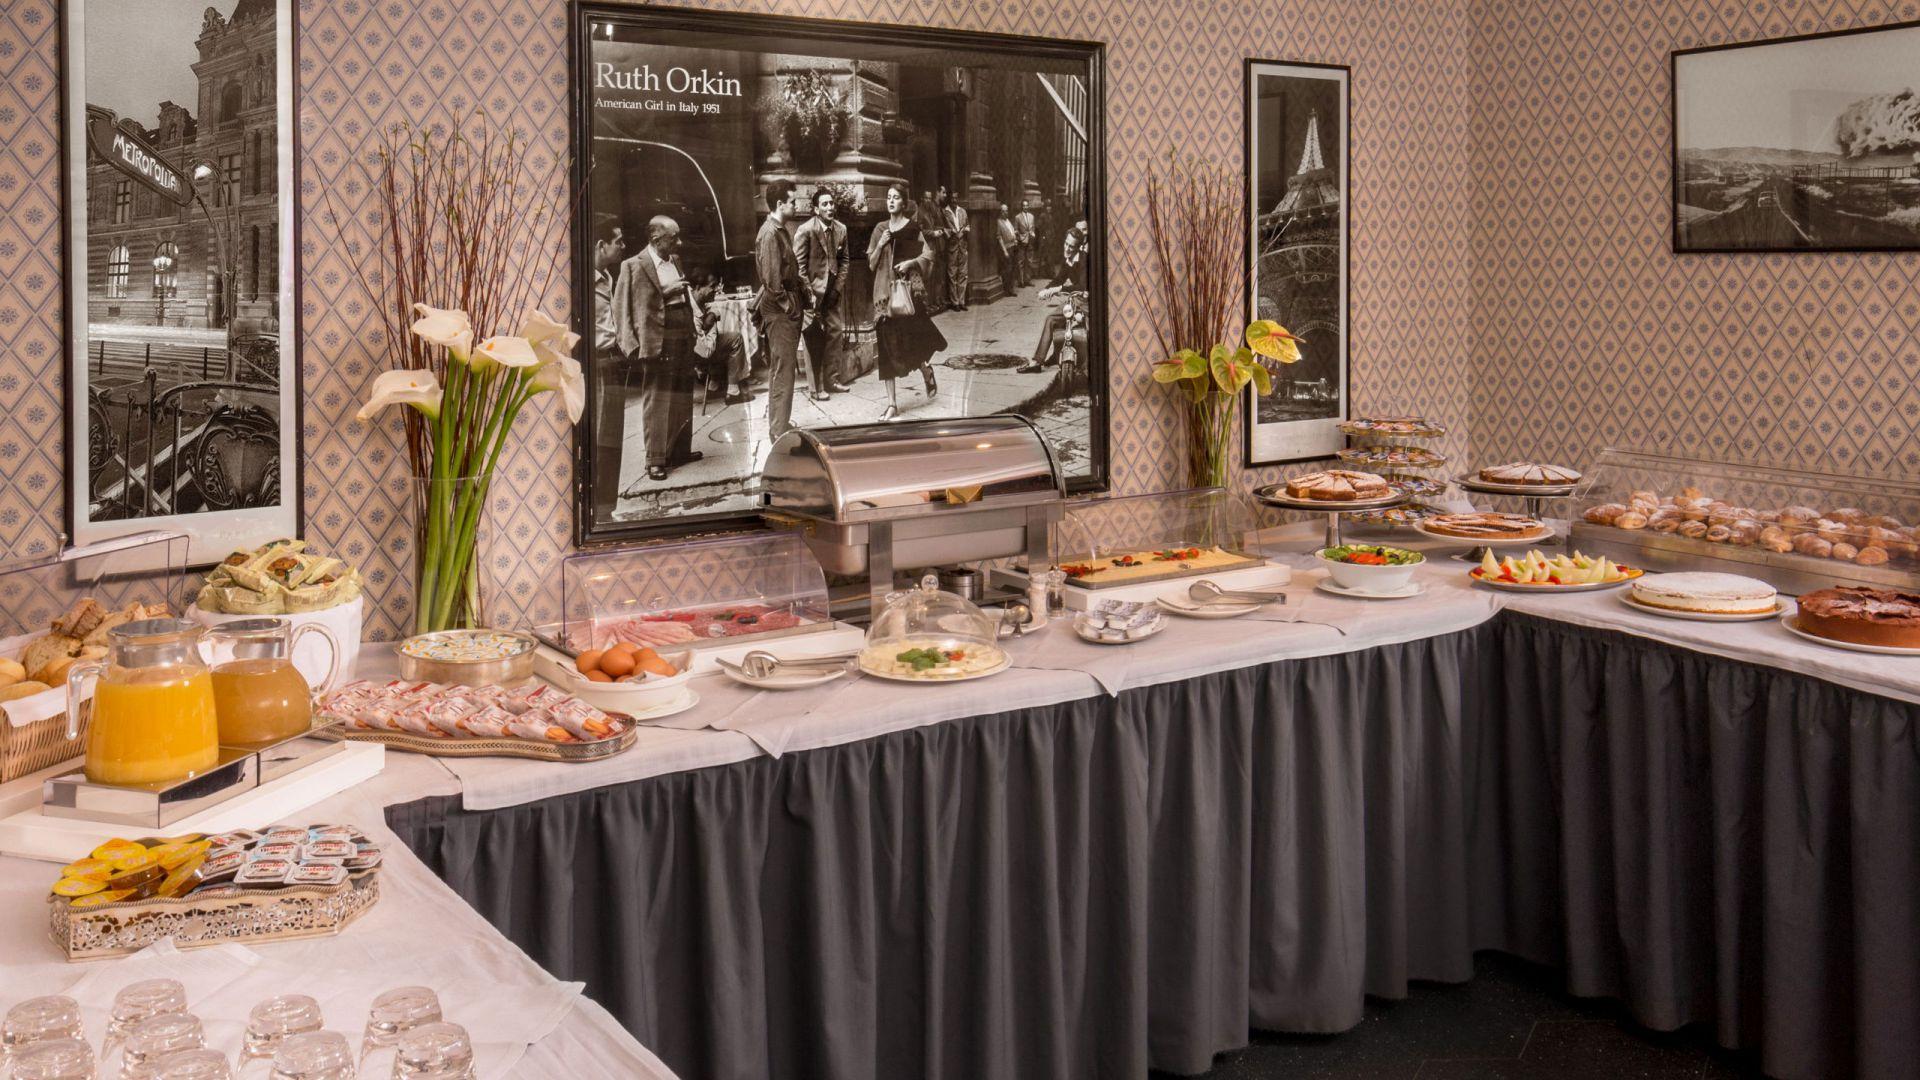 albergo-ottocento-rome-déjeuner-02